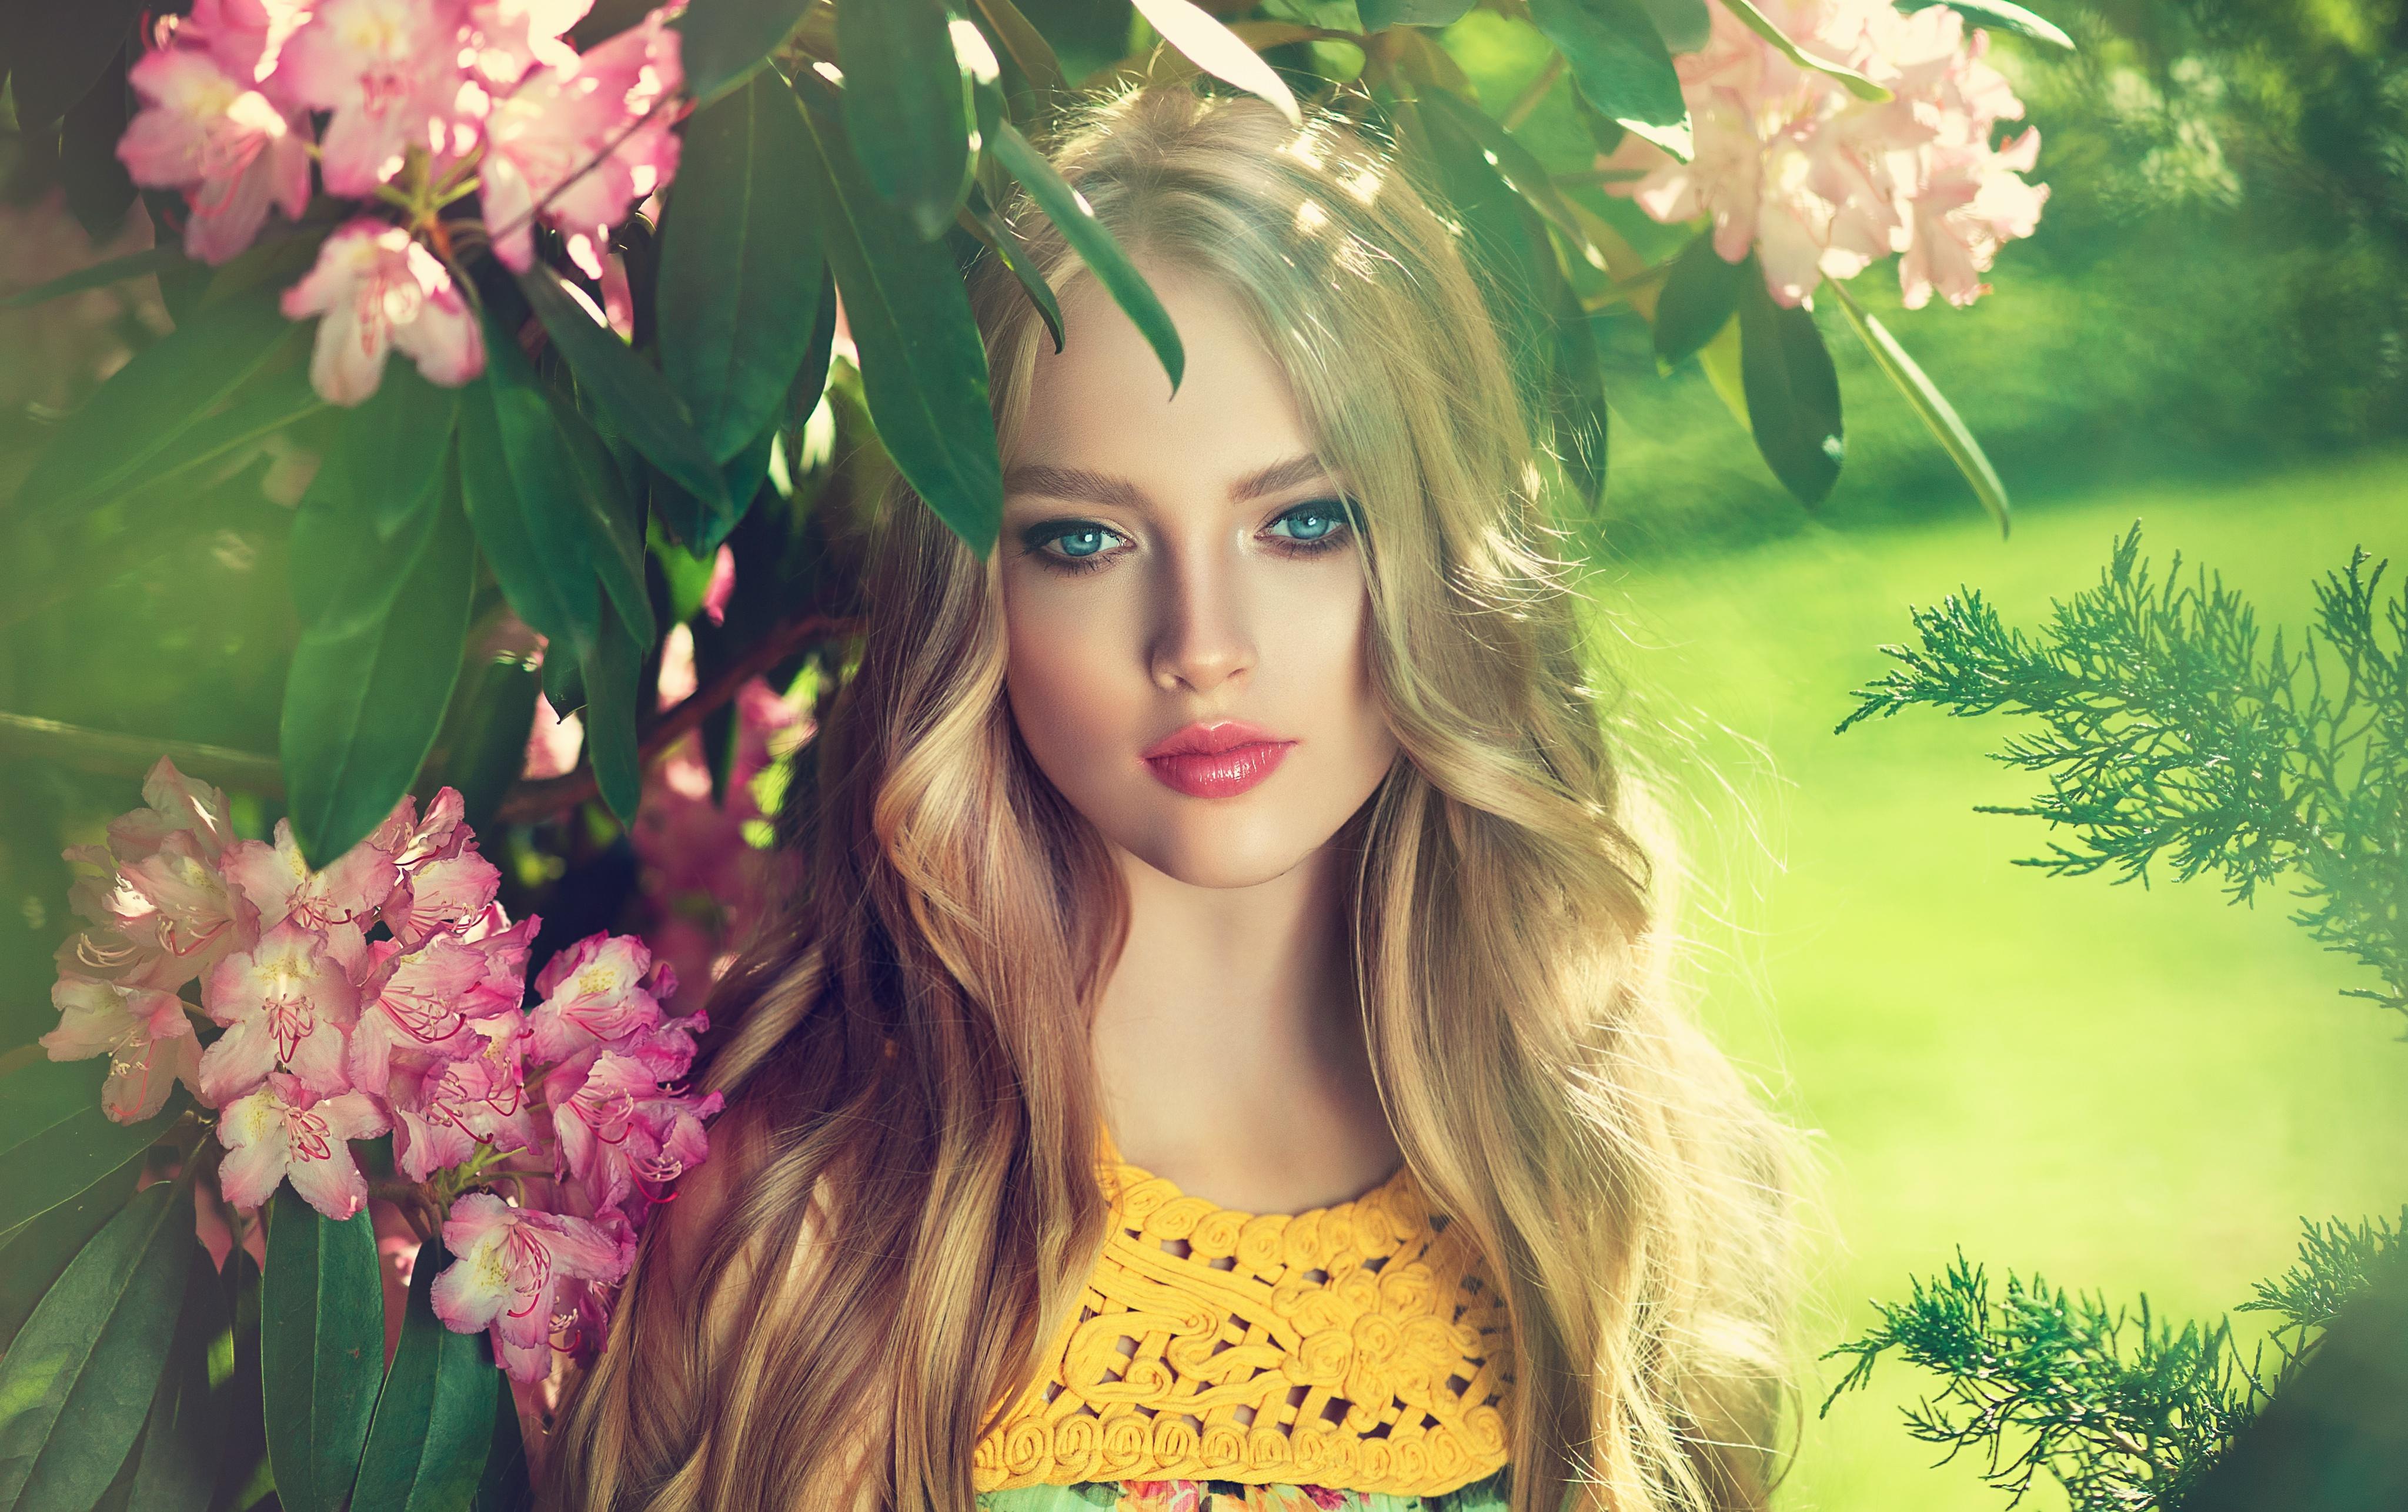 Фото красивых девушек лицо блондинка под деревом, рисунок сексуальная женщина распечатать